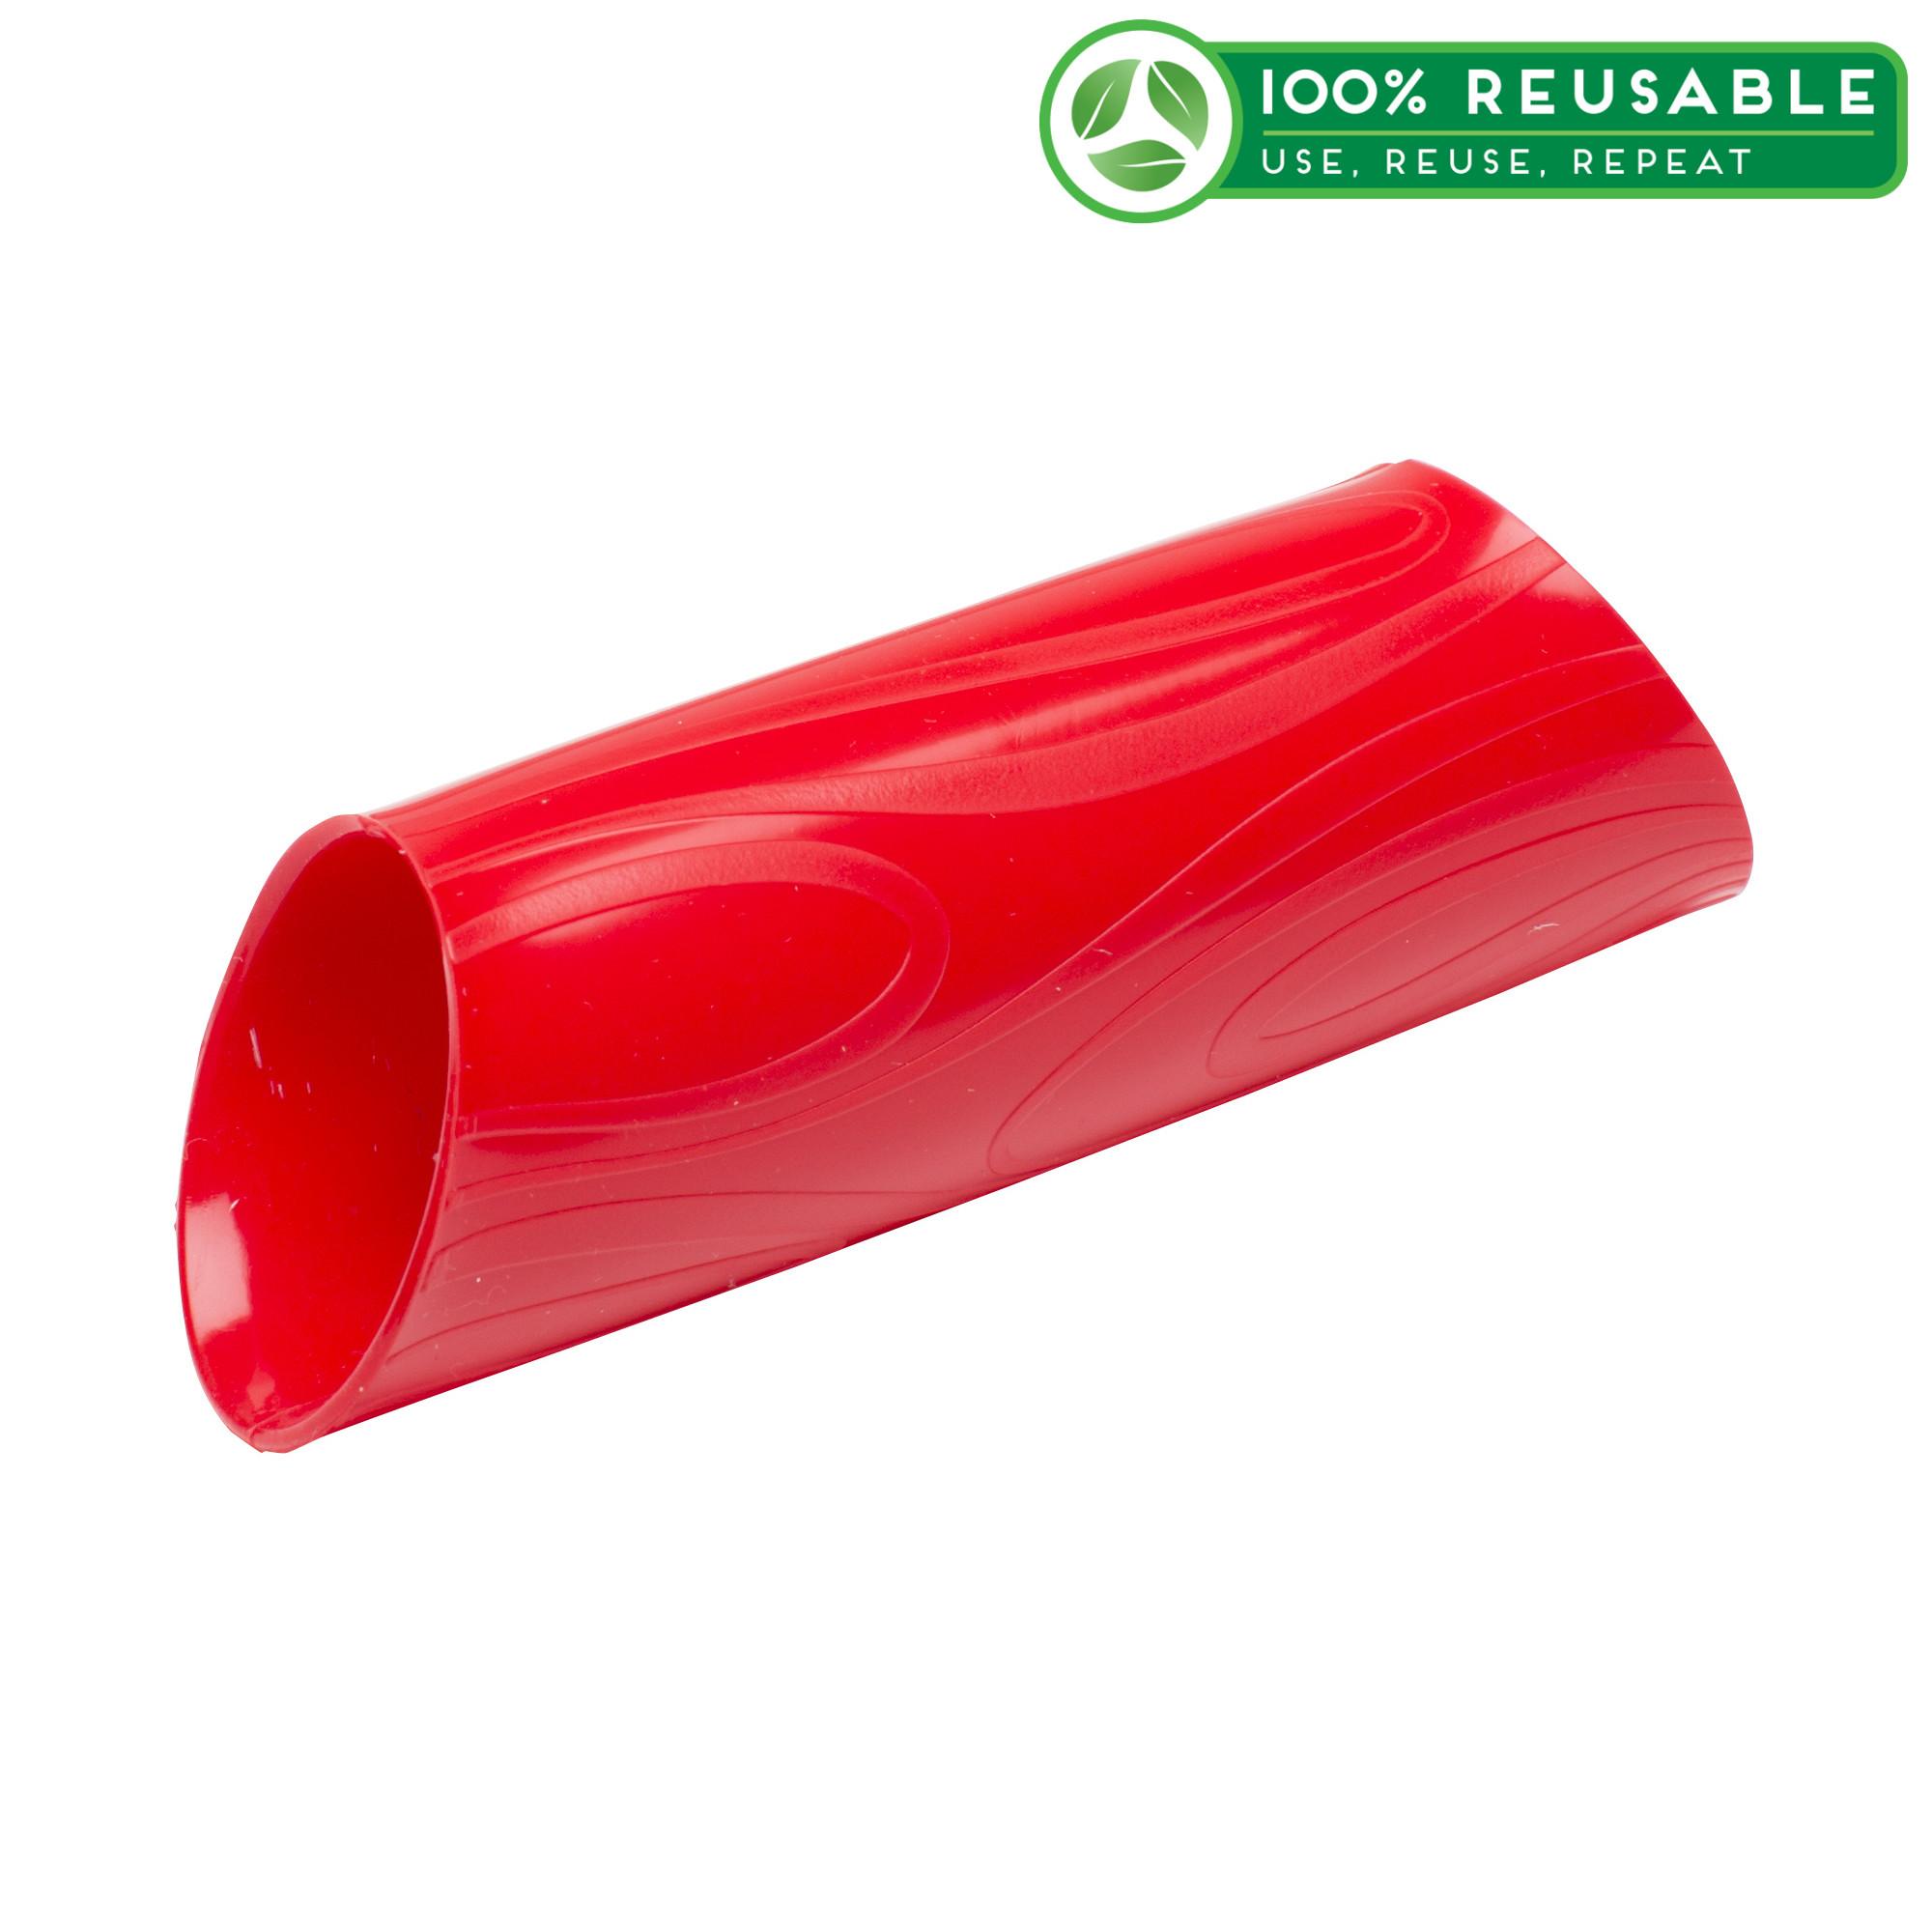 Garlic Peeler Garlic Peeler, Red slideshow image 1